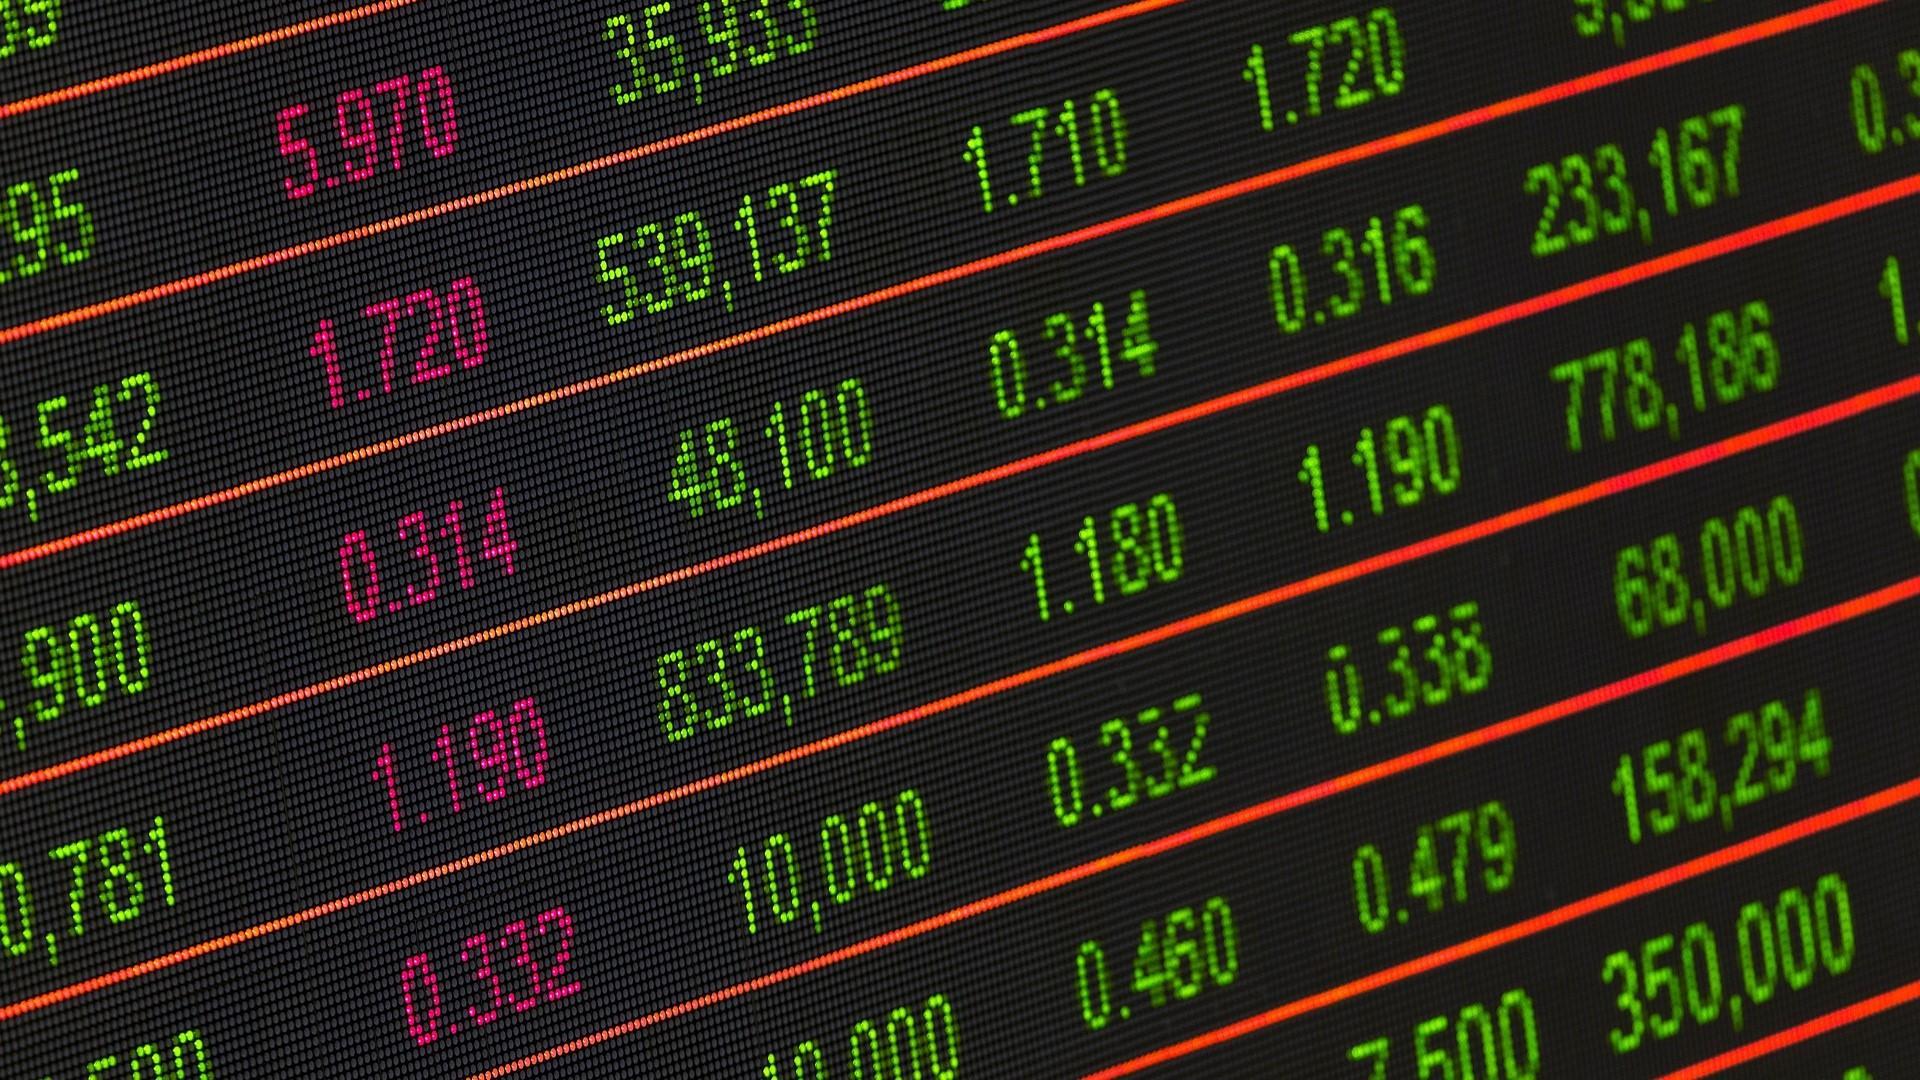 Die Anleger sind Miteigentümer des Gesamtbestands an Aktien in der Girosammelverwahrung.